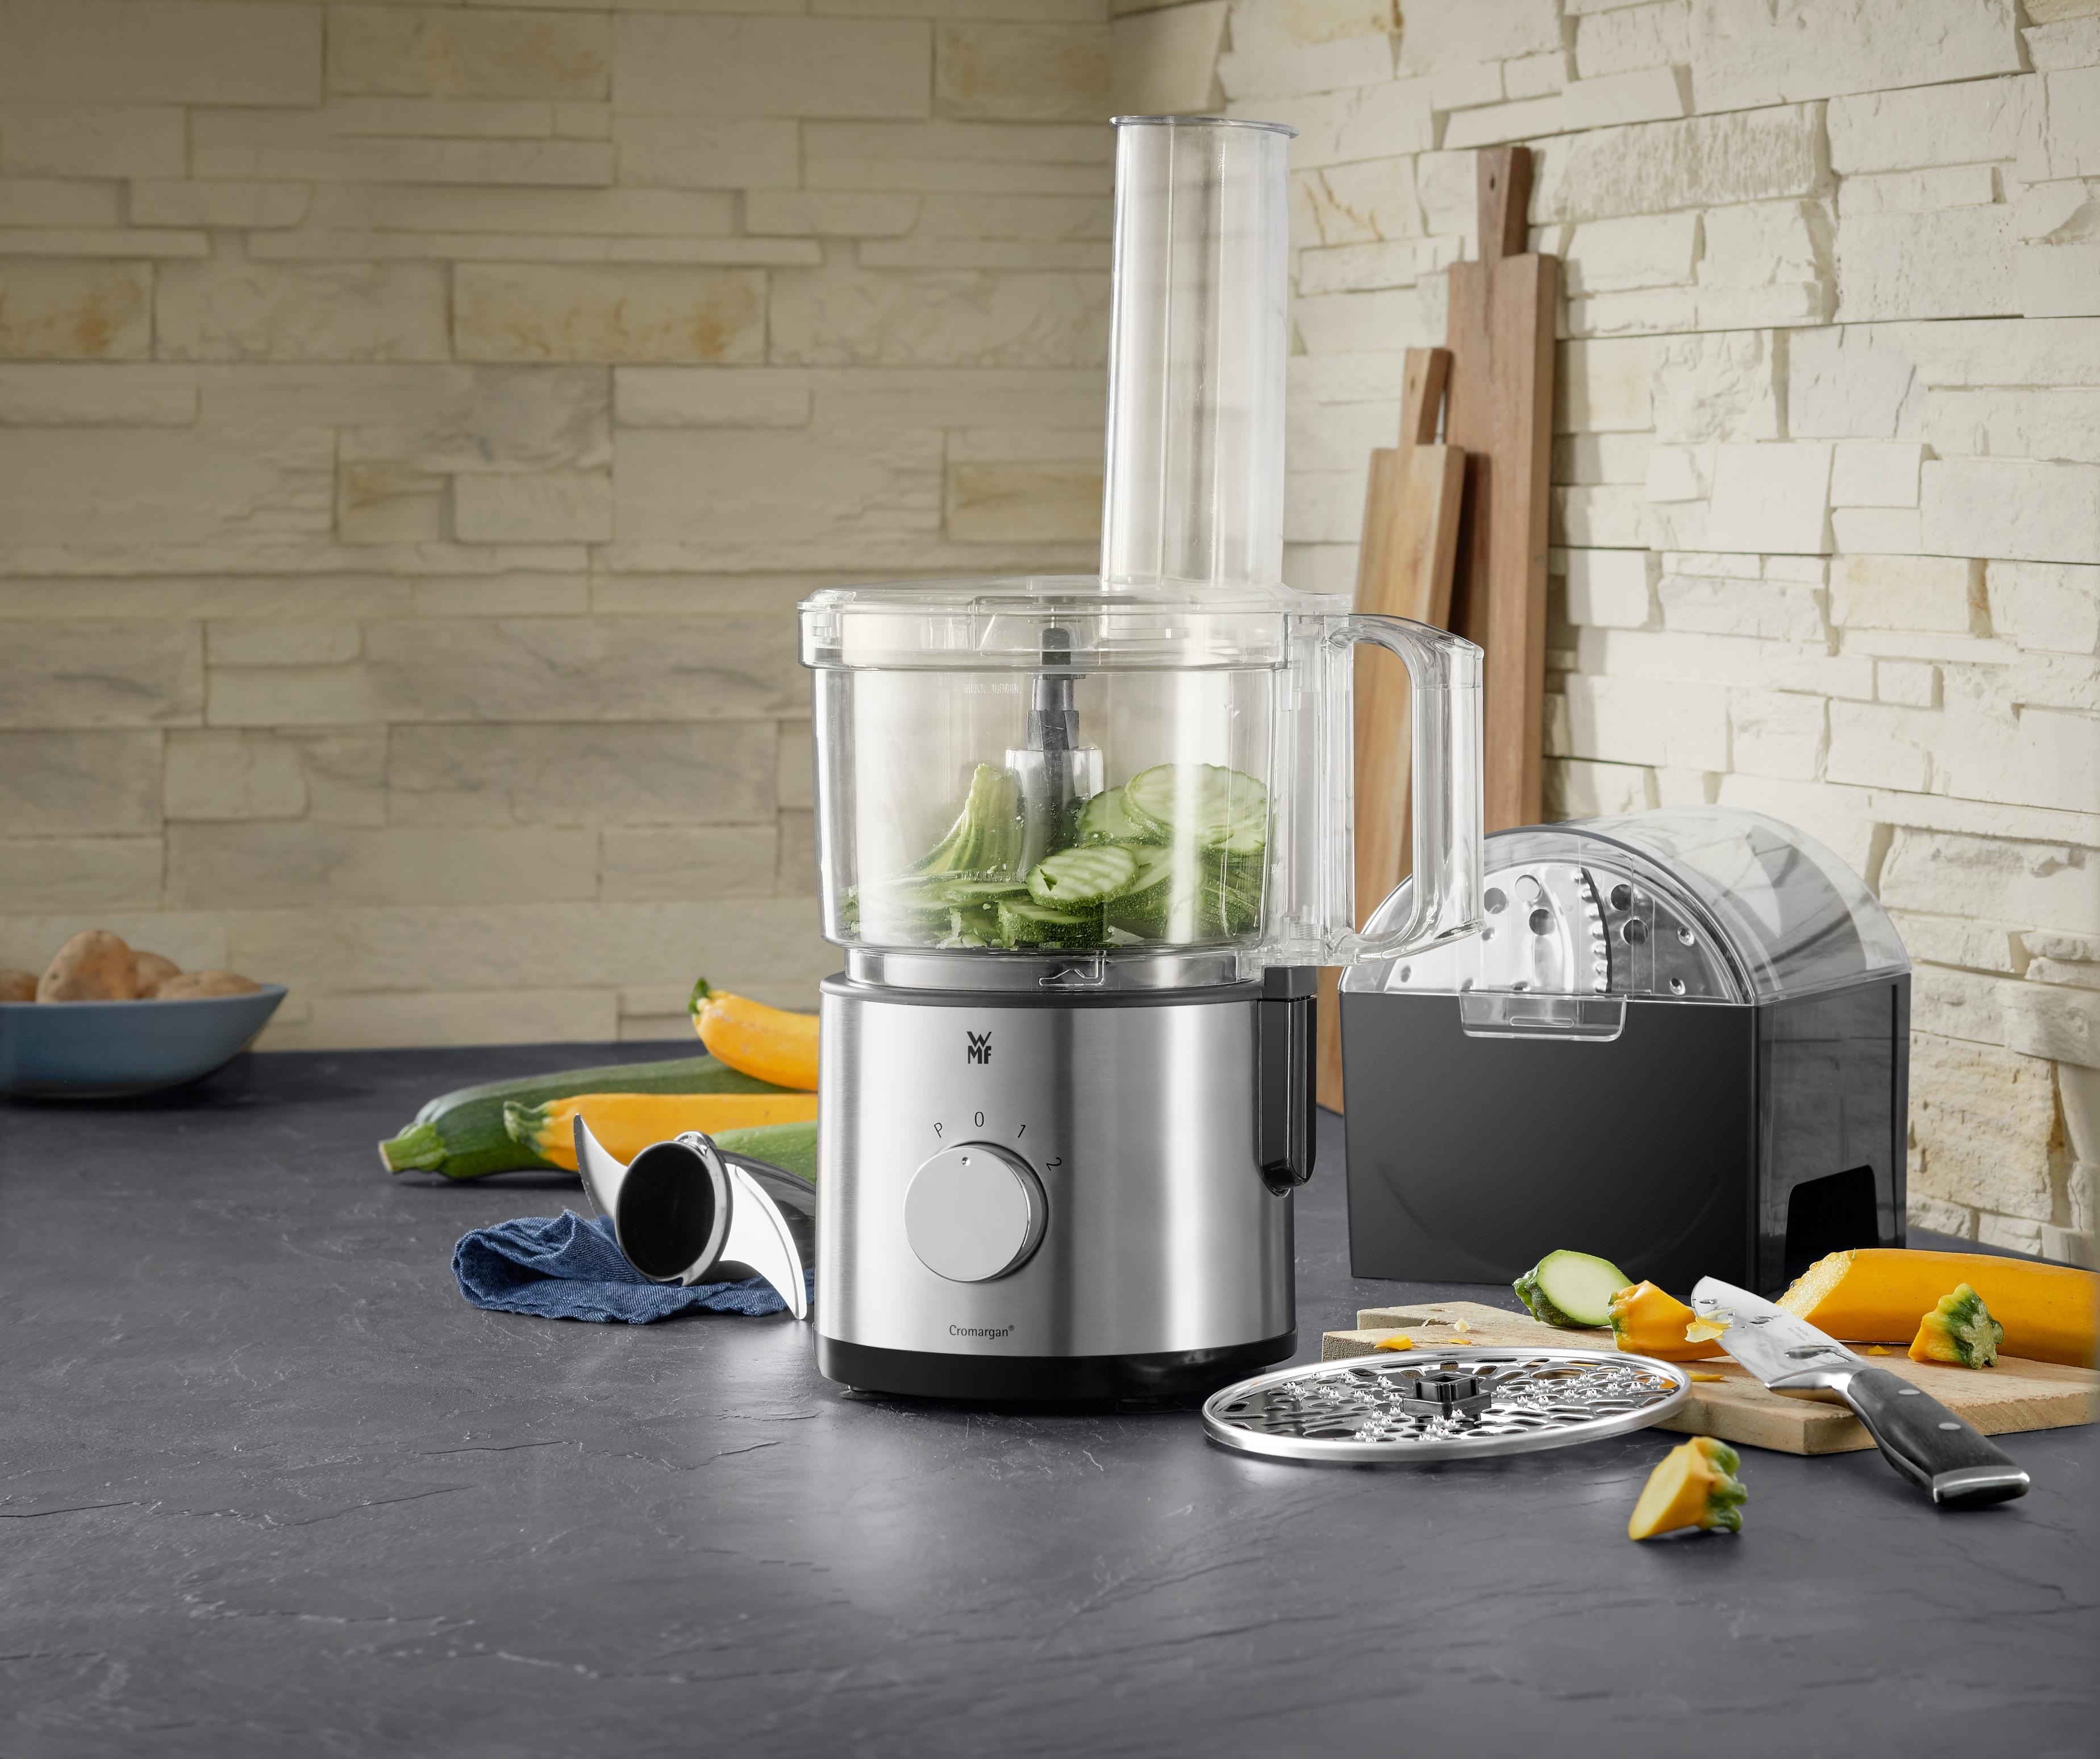 Kalite ve fonksiyonu bir arada sunan mutfak robotu.